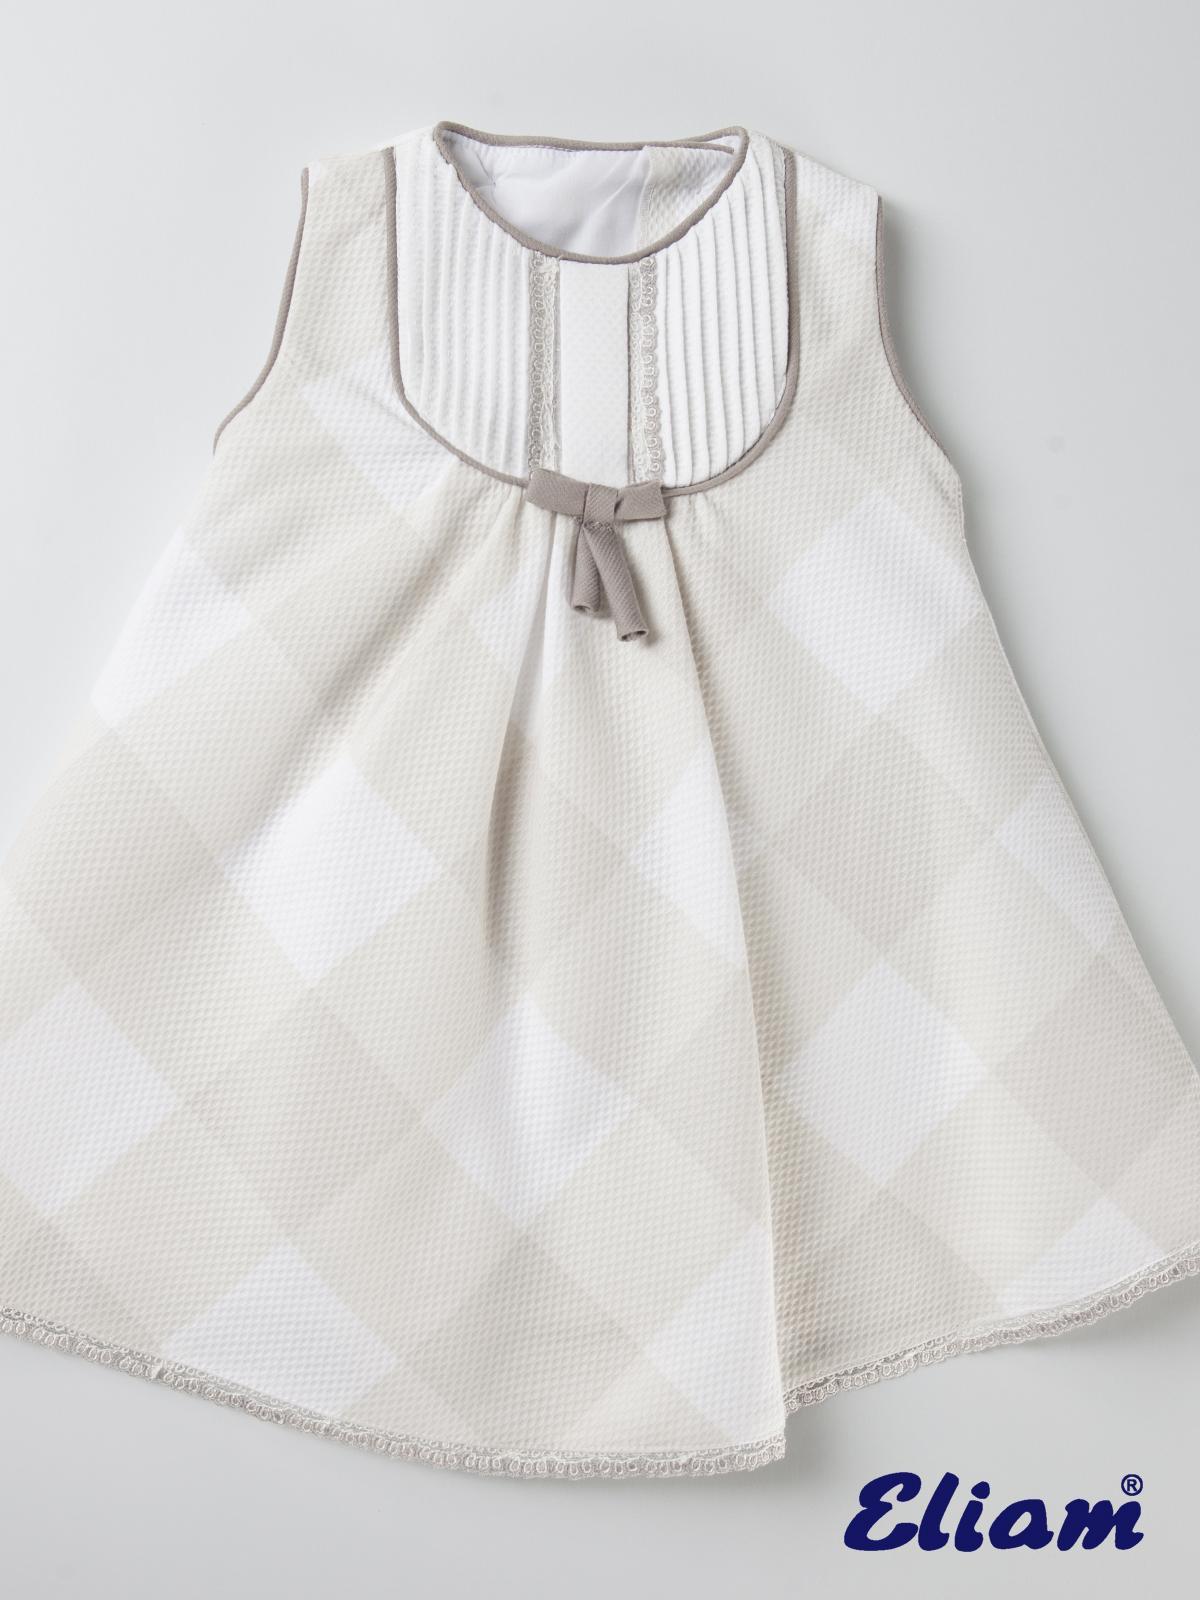 1b0a82a87 Bebé de siempre - Productos bebé de siempre - Tienda de ropa ...